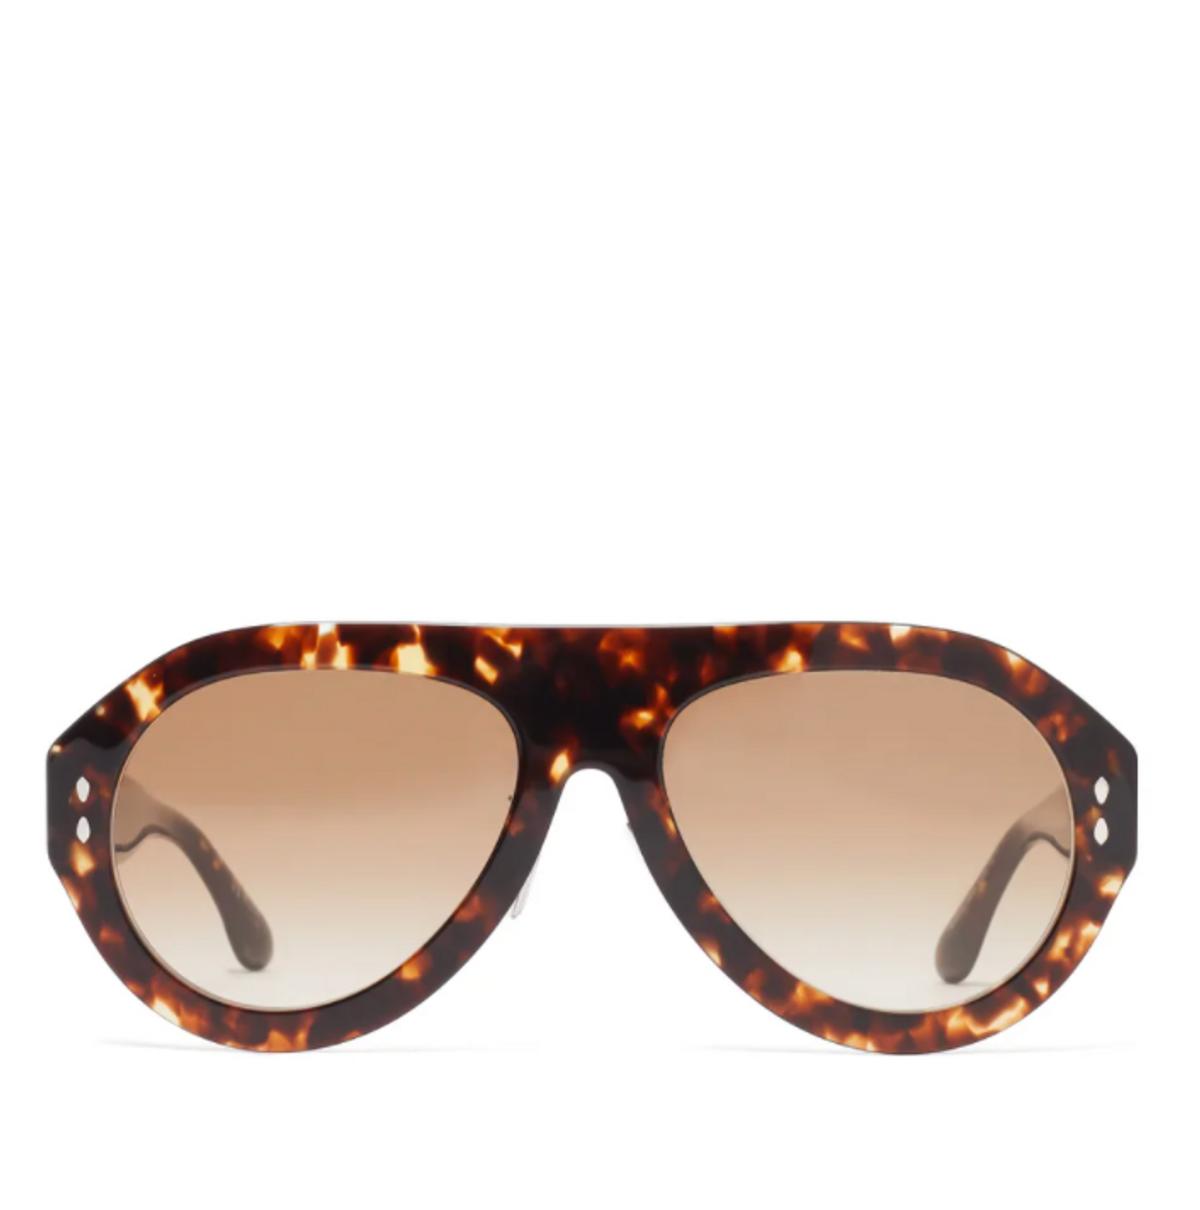 Trendy Aviator Tortoiseshell Acetate Sunglasses